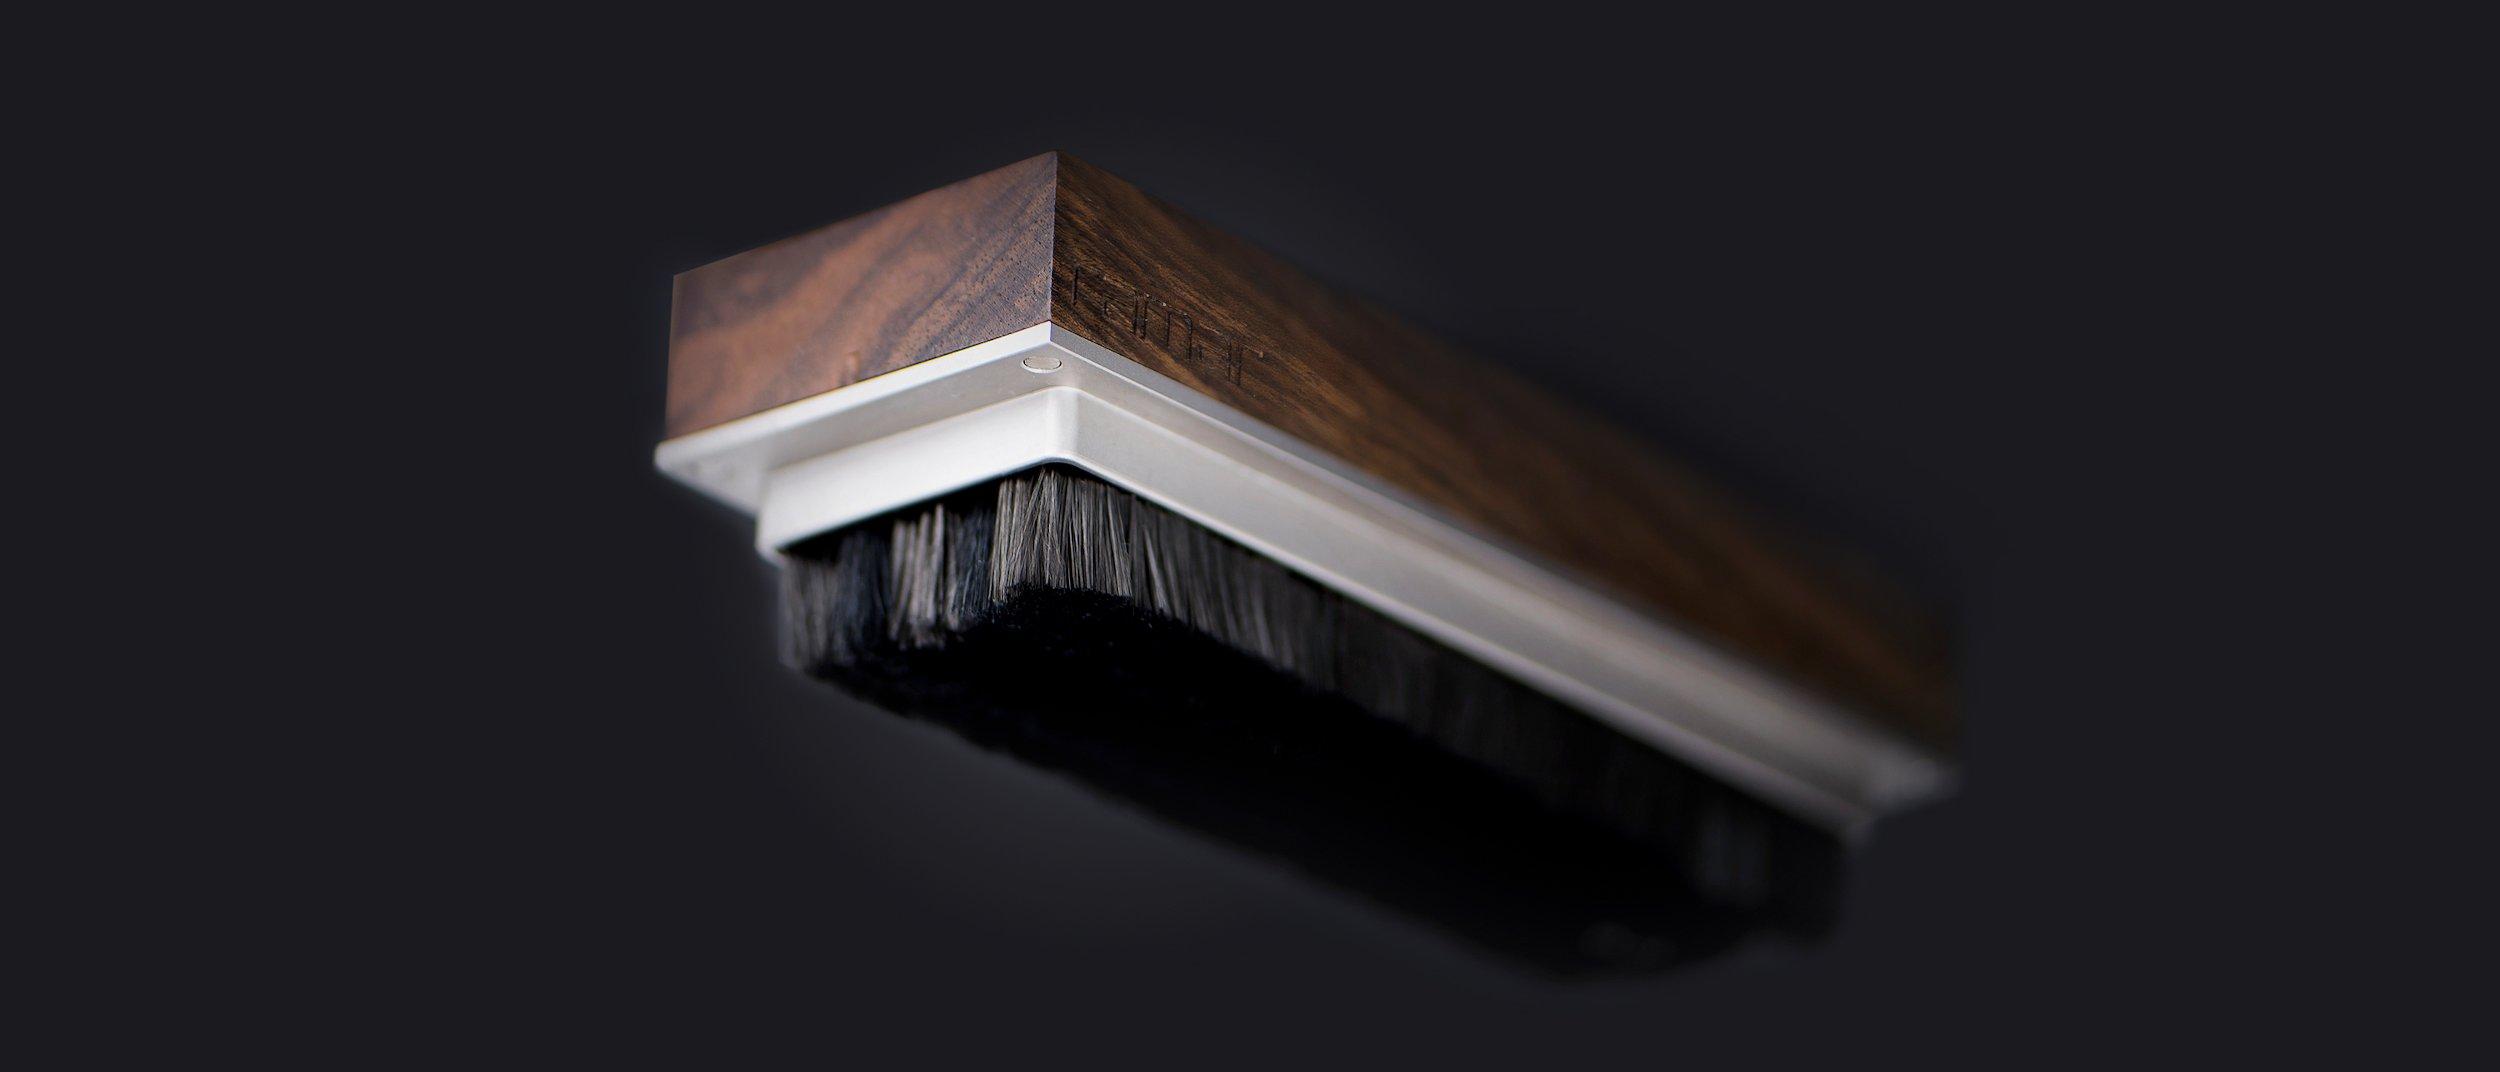 Tina ist eine Schallplattenbürste von ramar handgefertigt aus Nussbaum. Record brush.